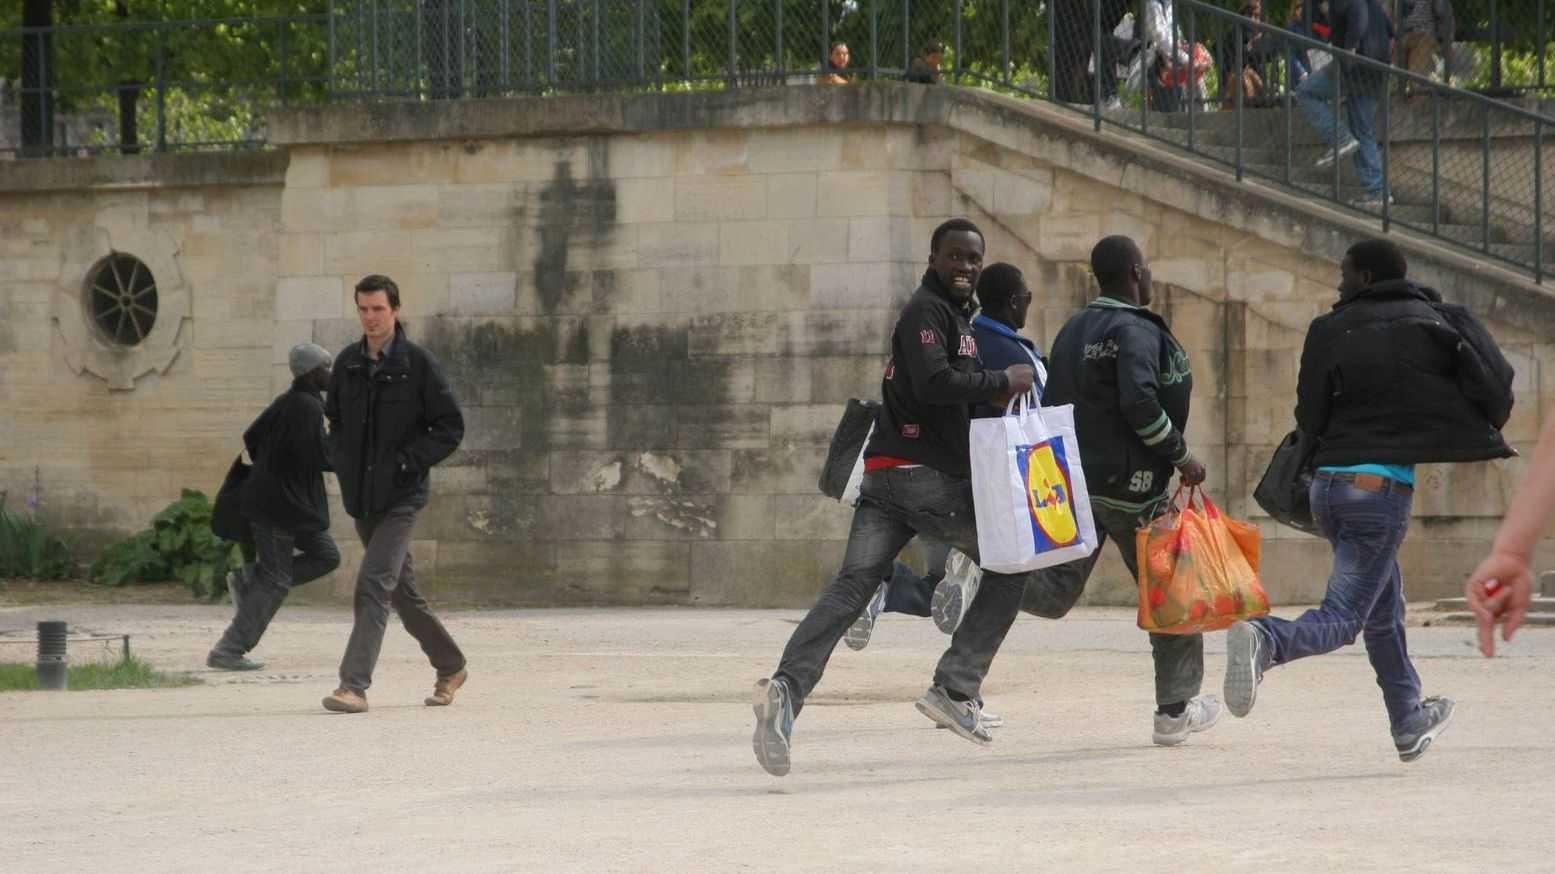 Торговцы-нелегалы убегают от полиции